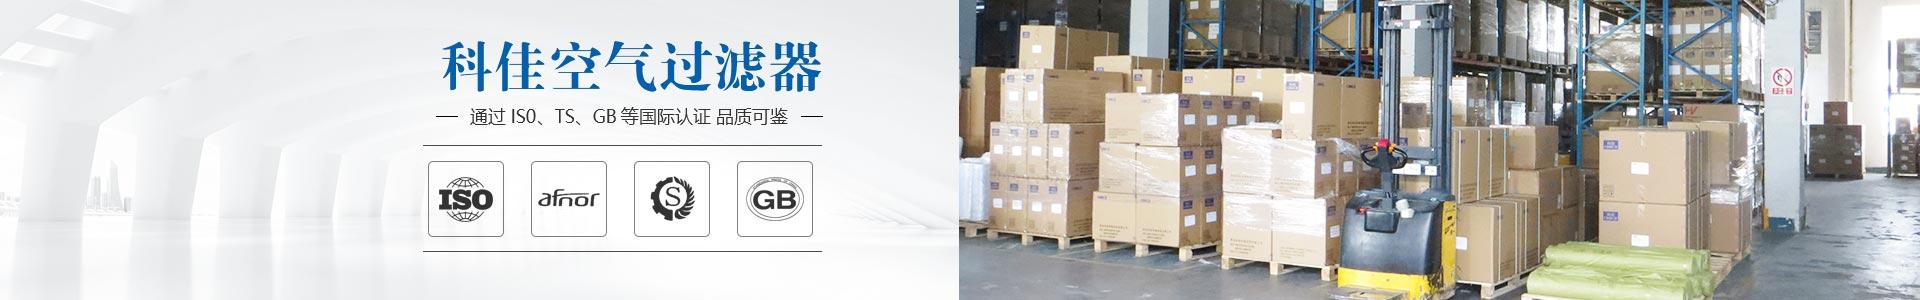 科佳空气过滤器通过ISO、TS、GB等认证